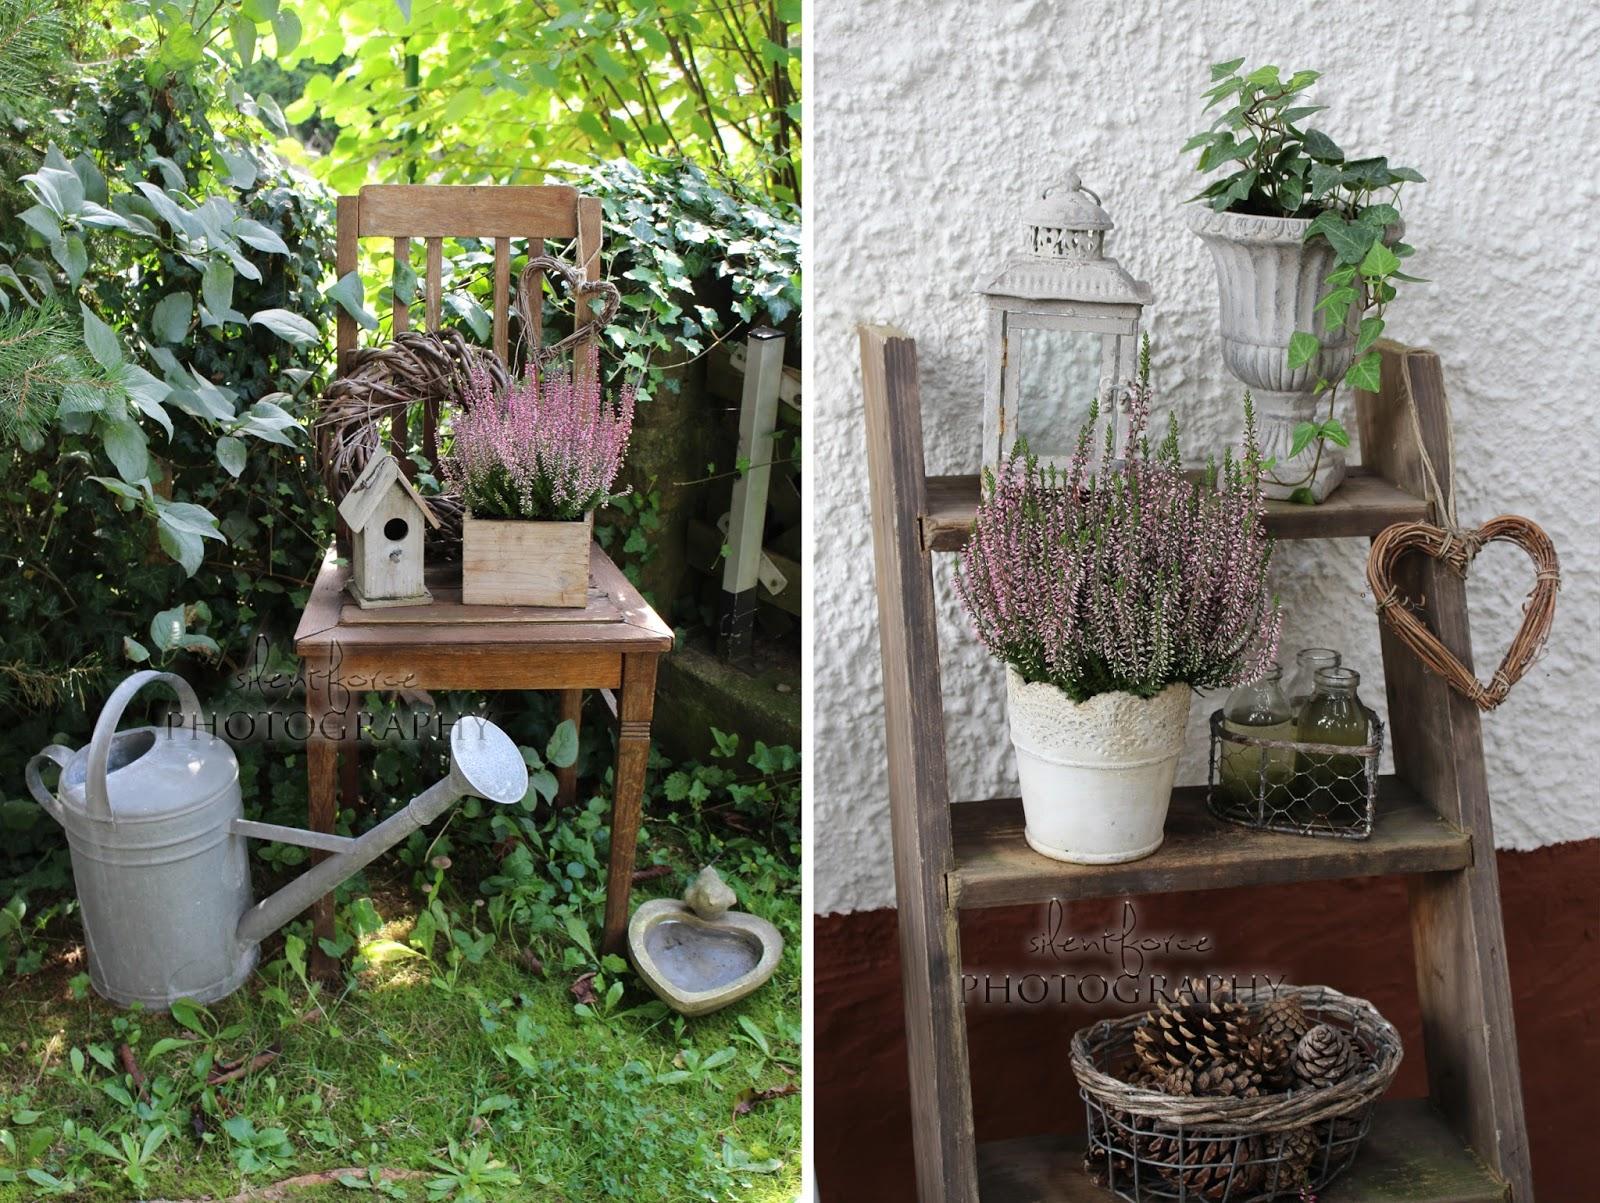 herbstliche deko im garten und ein wunderbarer flohmarktfund silentforce garden. Black Bedroom Furniture Sets. Home Design Ideas